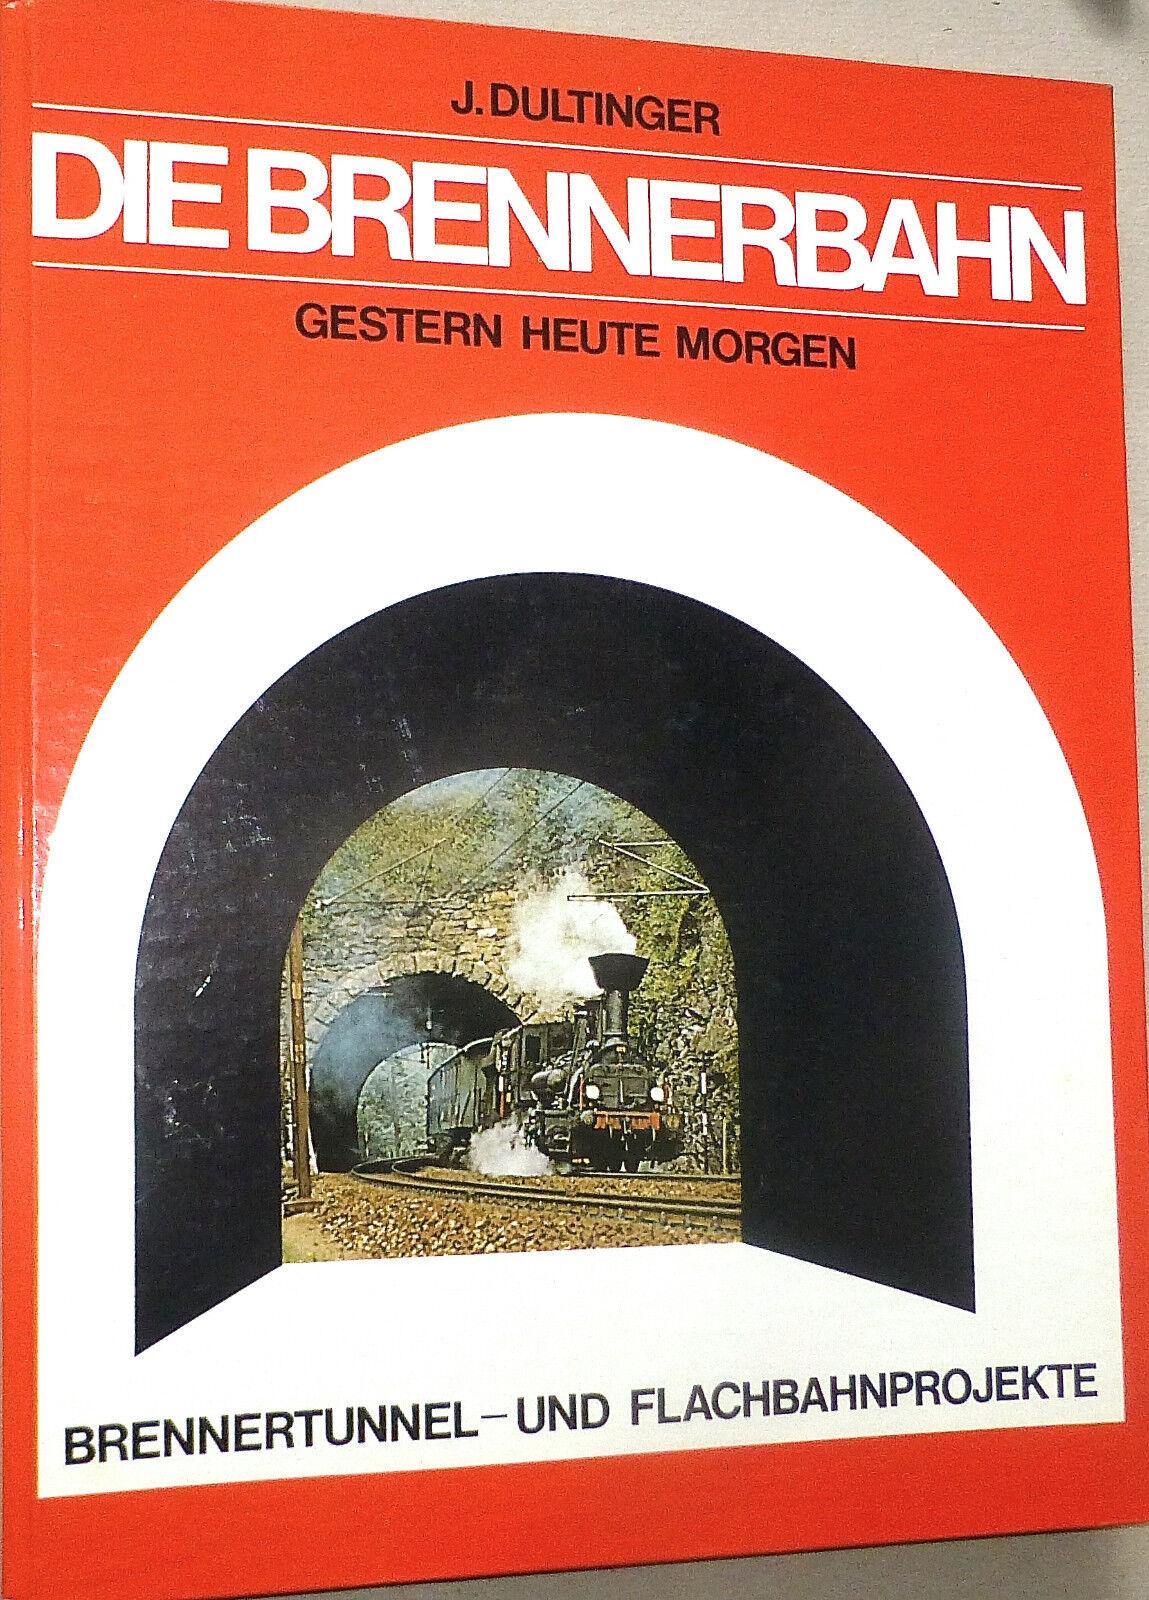 Precio al por mayor y calidad confiable. Die Brennerbahn Ayer Hoy Hoy Hoy Morgen Dultinger Editorial Dr Rudolf Erhard Ron Å  marca